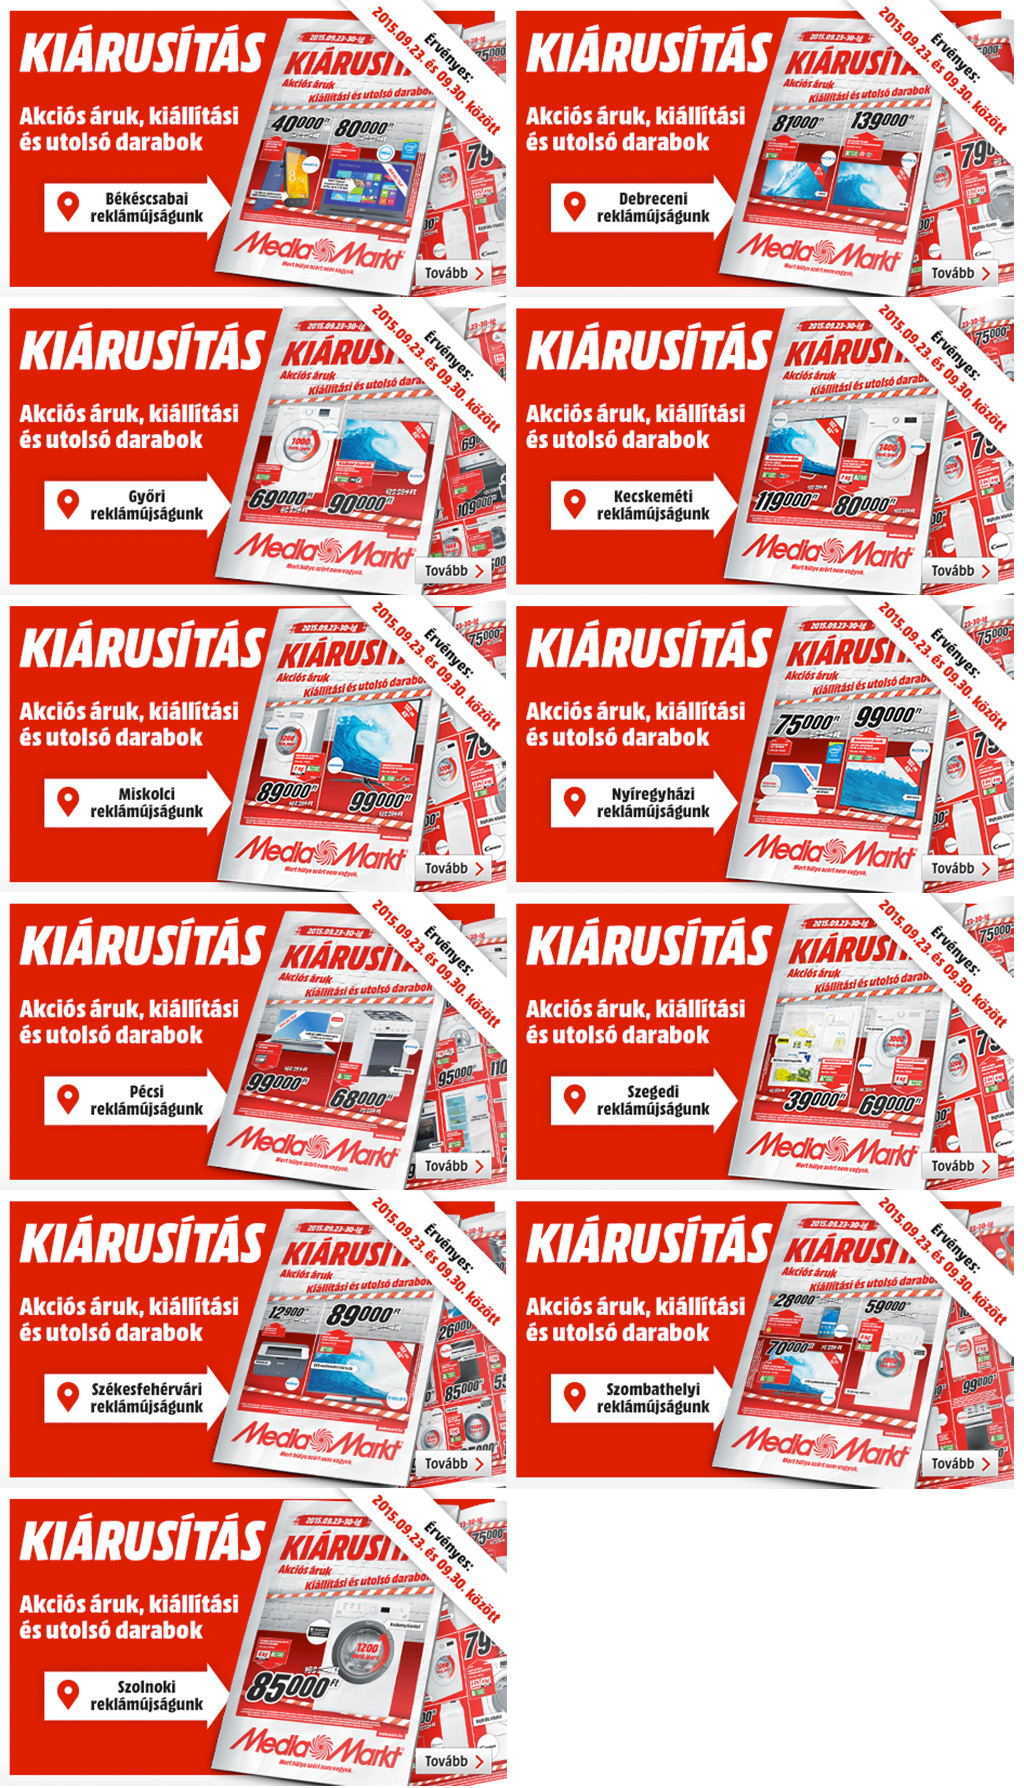 Óriási kiárusítás a Media Marktban! - globalplaza 389cff54ad